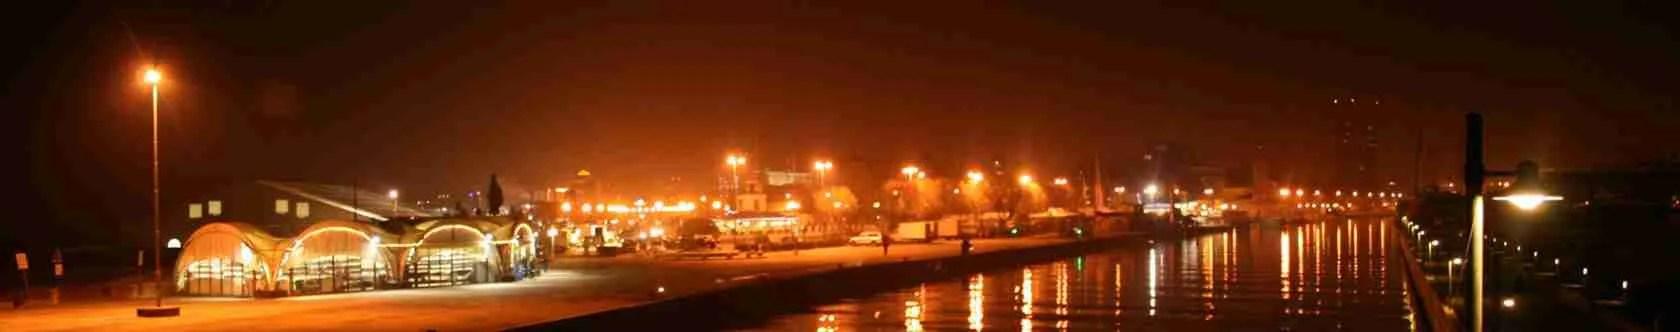 Passeggiata romantica sul molo di Rimini in compagnia di una top class escort a Rimini.